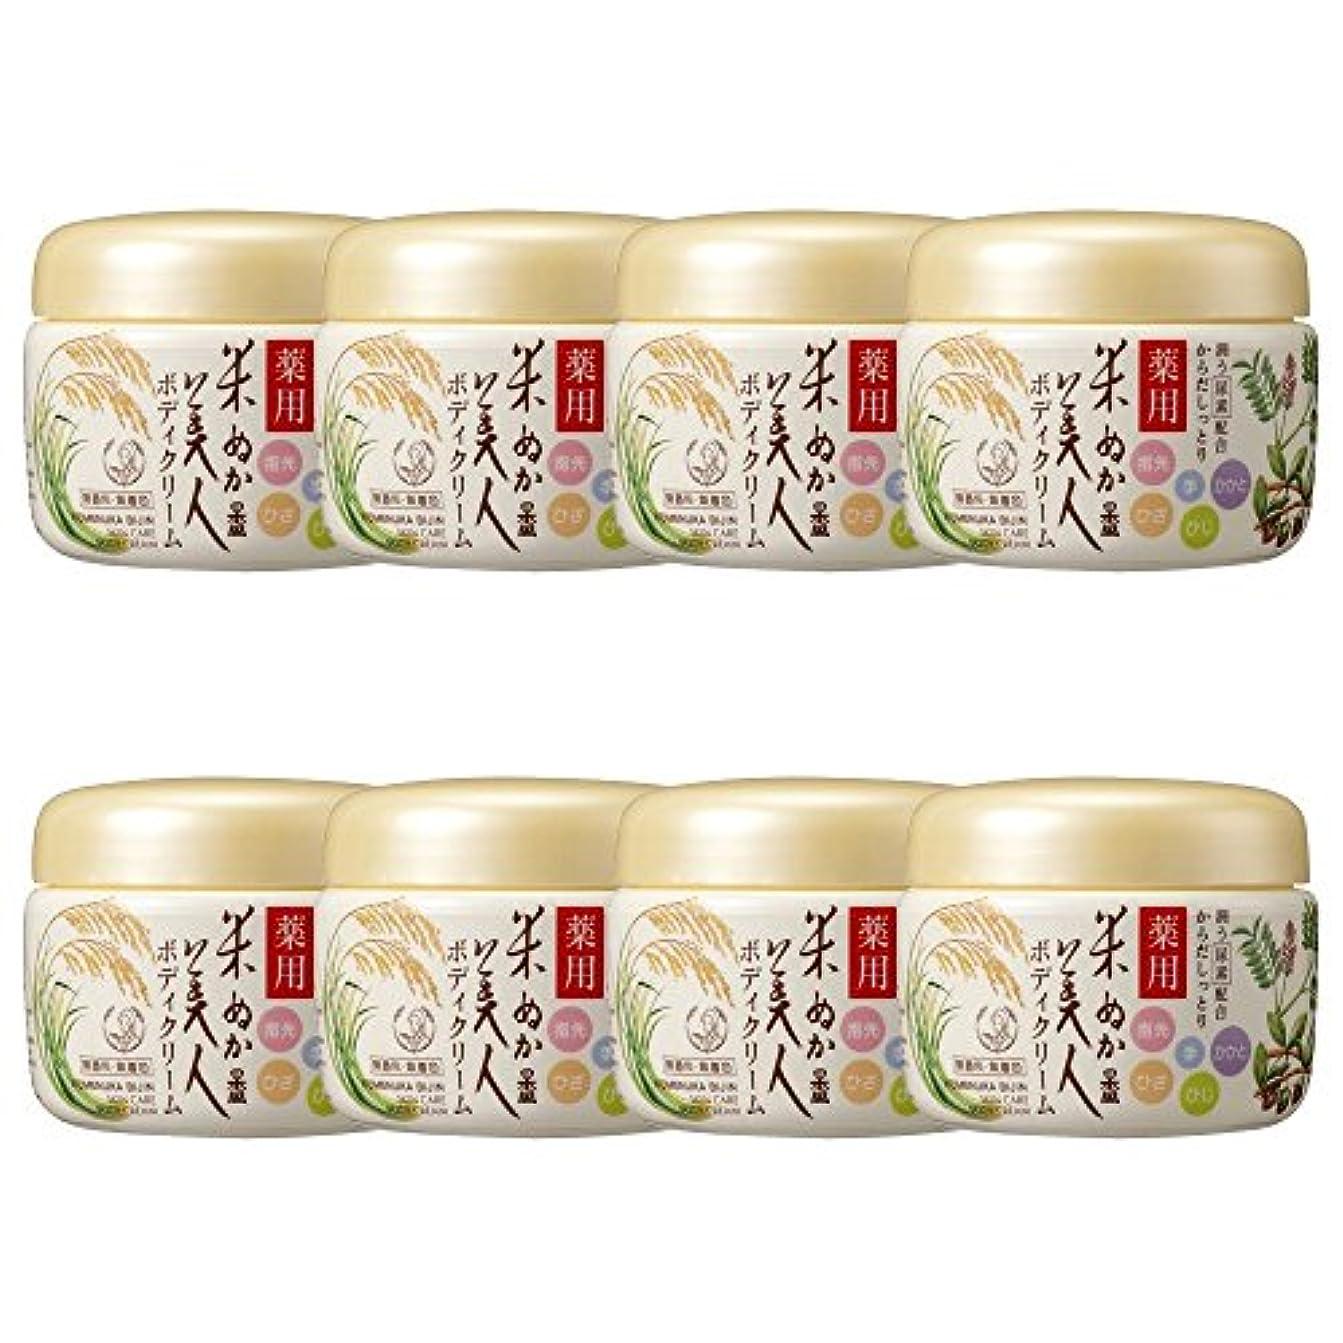 こねるあごひげスリップシューズ【セット】米ぬか美人 薬用ボディクリーム 140g ×8個